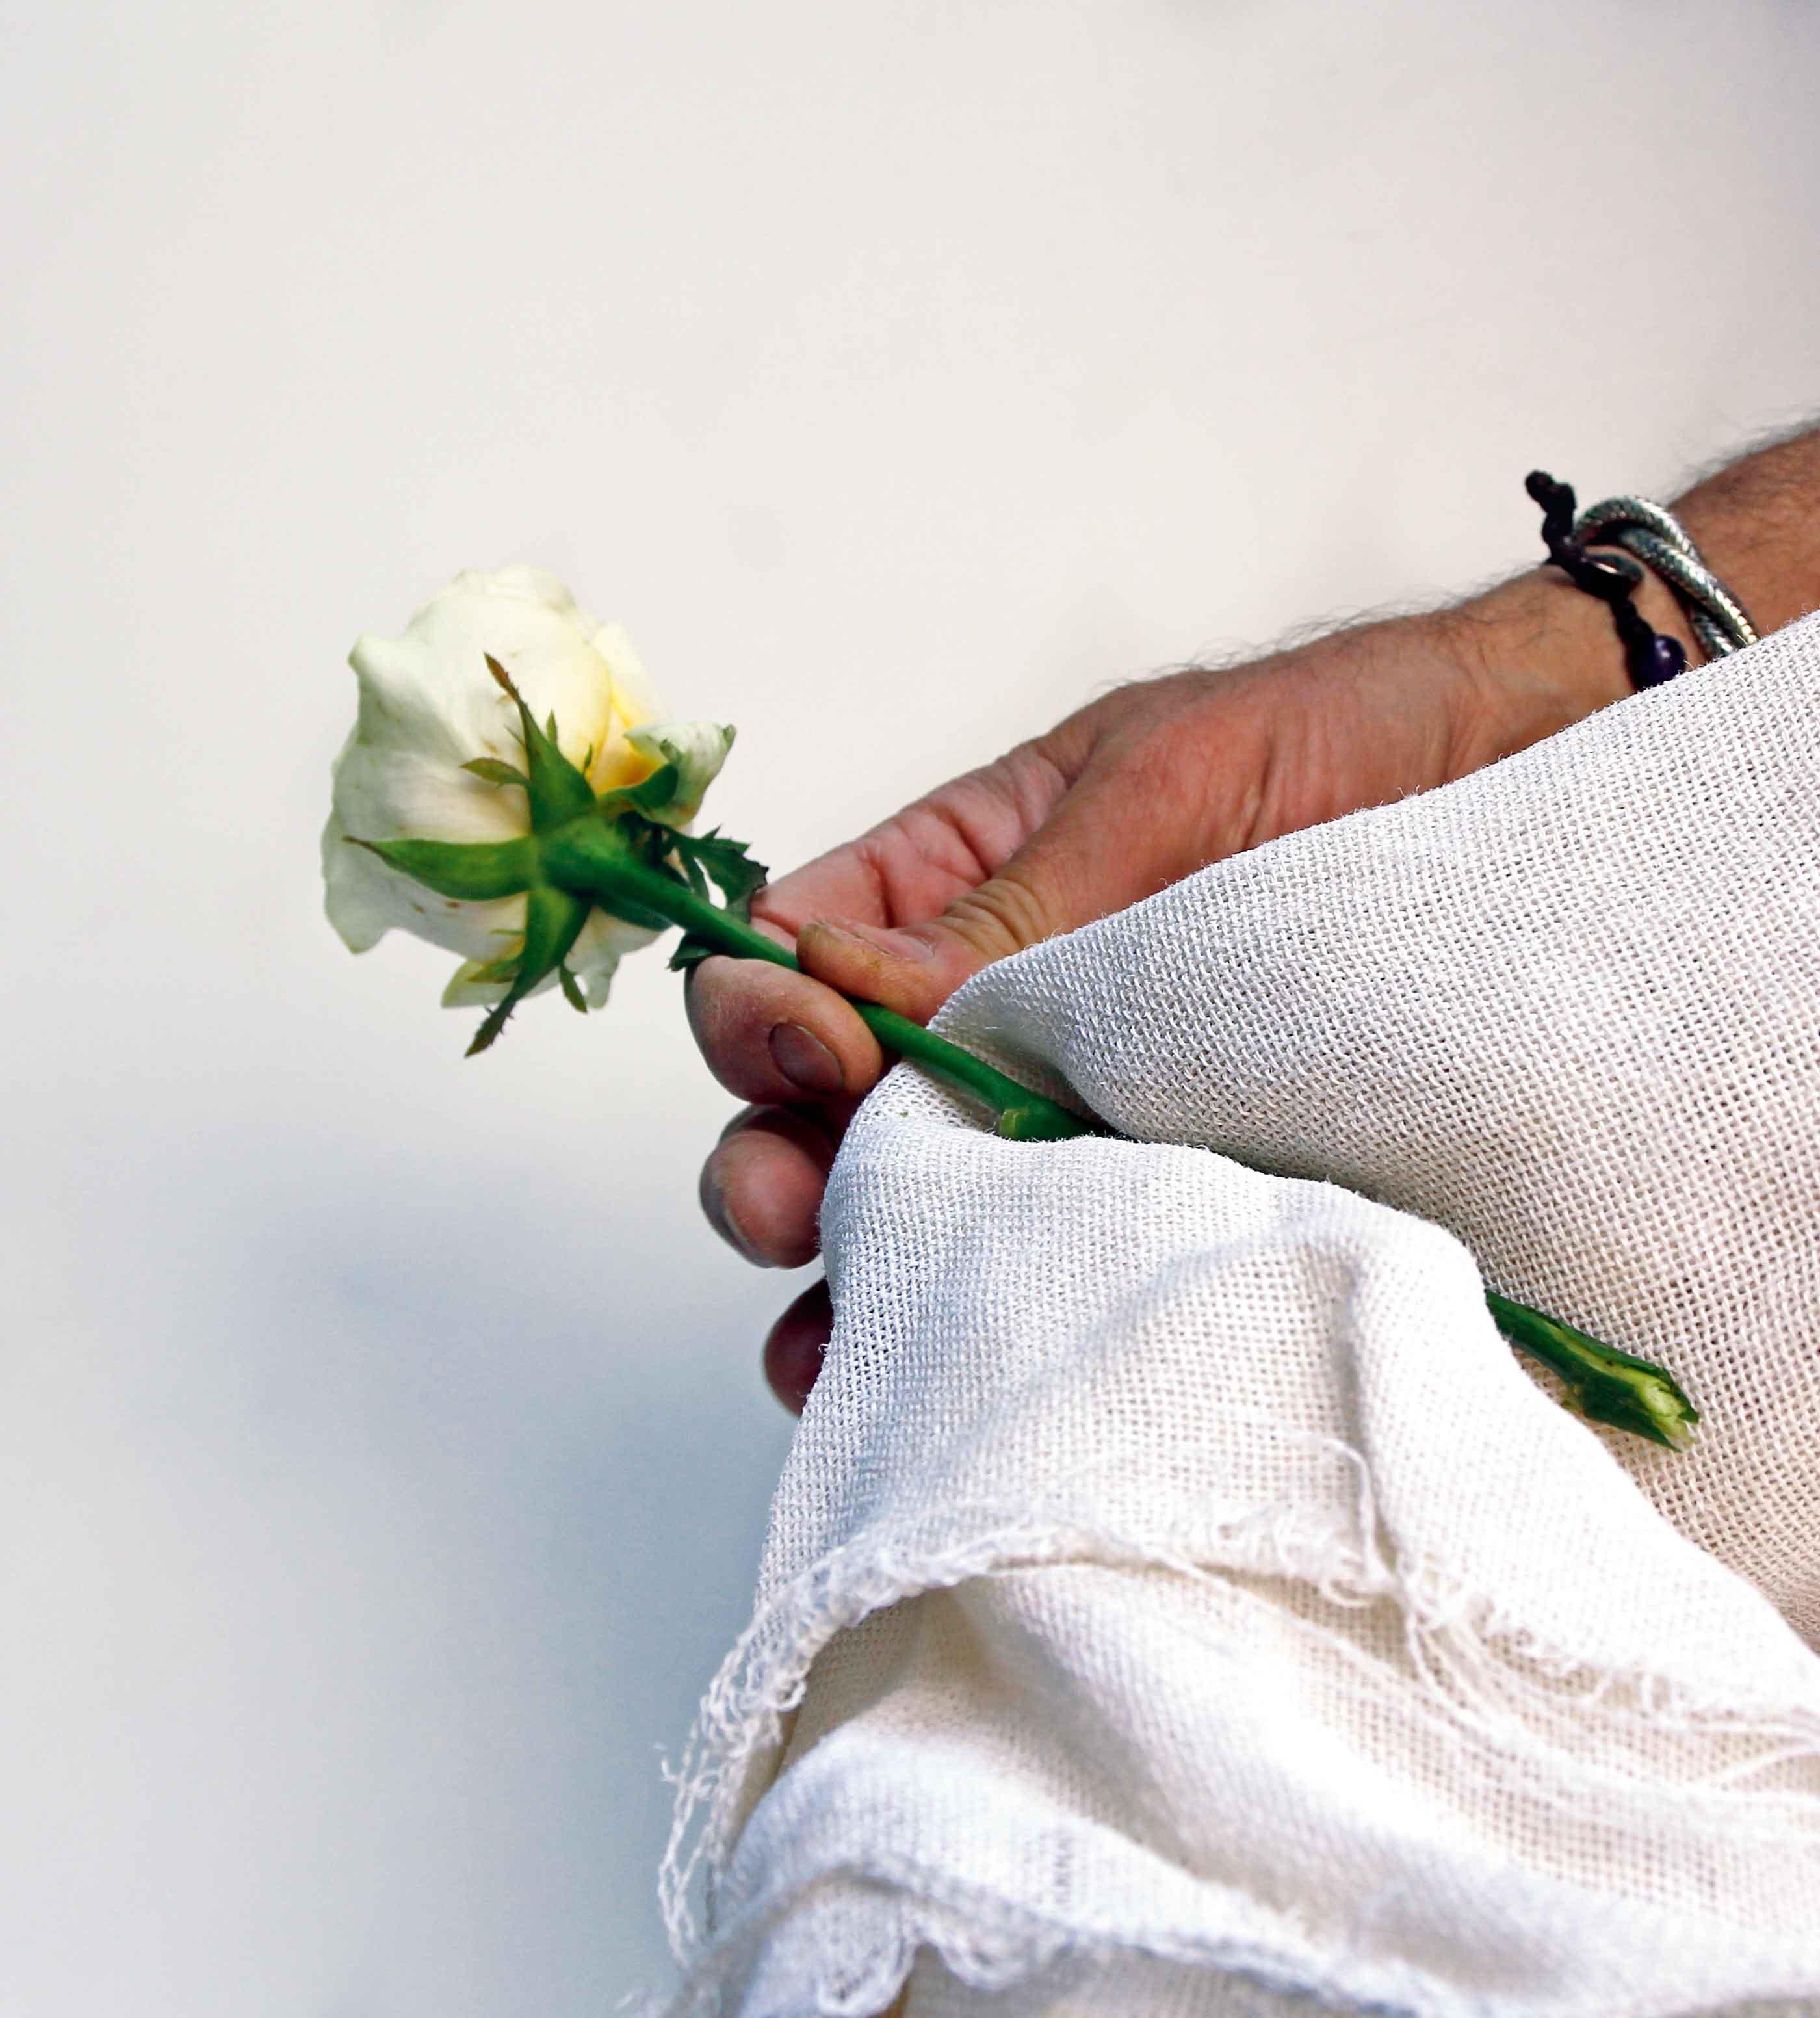 Vaso Con Ortensie Finte rose stabilizzate: come durare belle per anni. trattamento